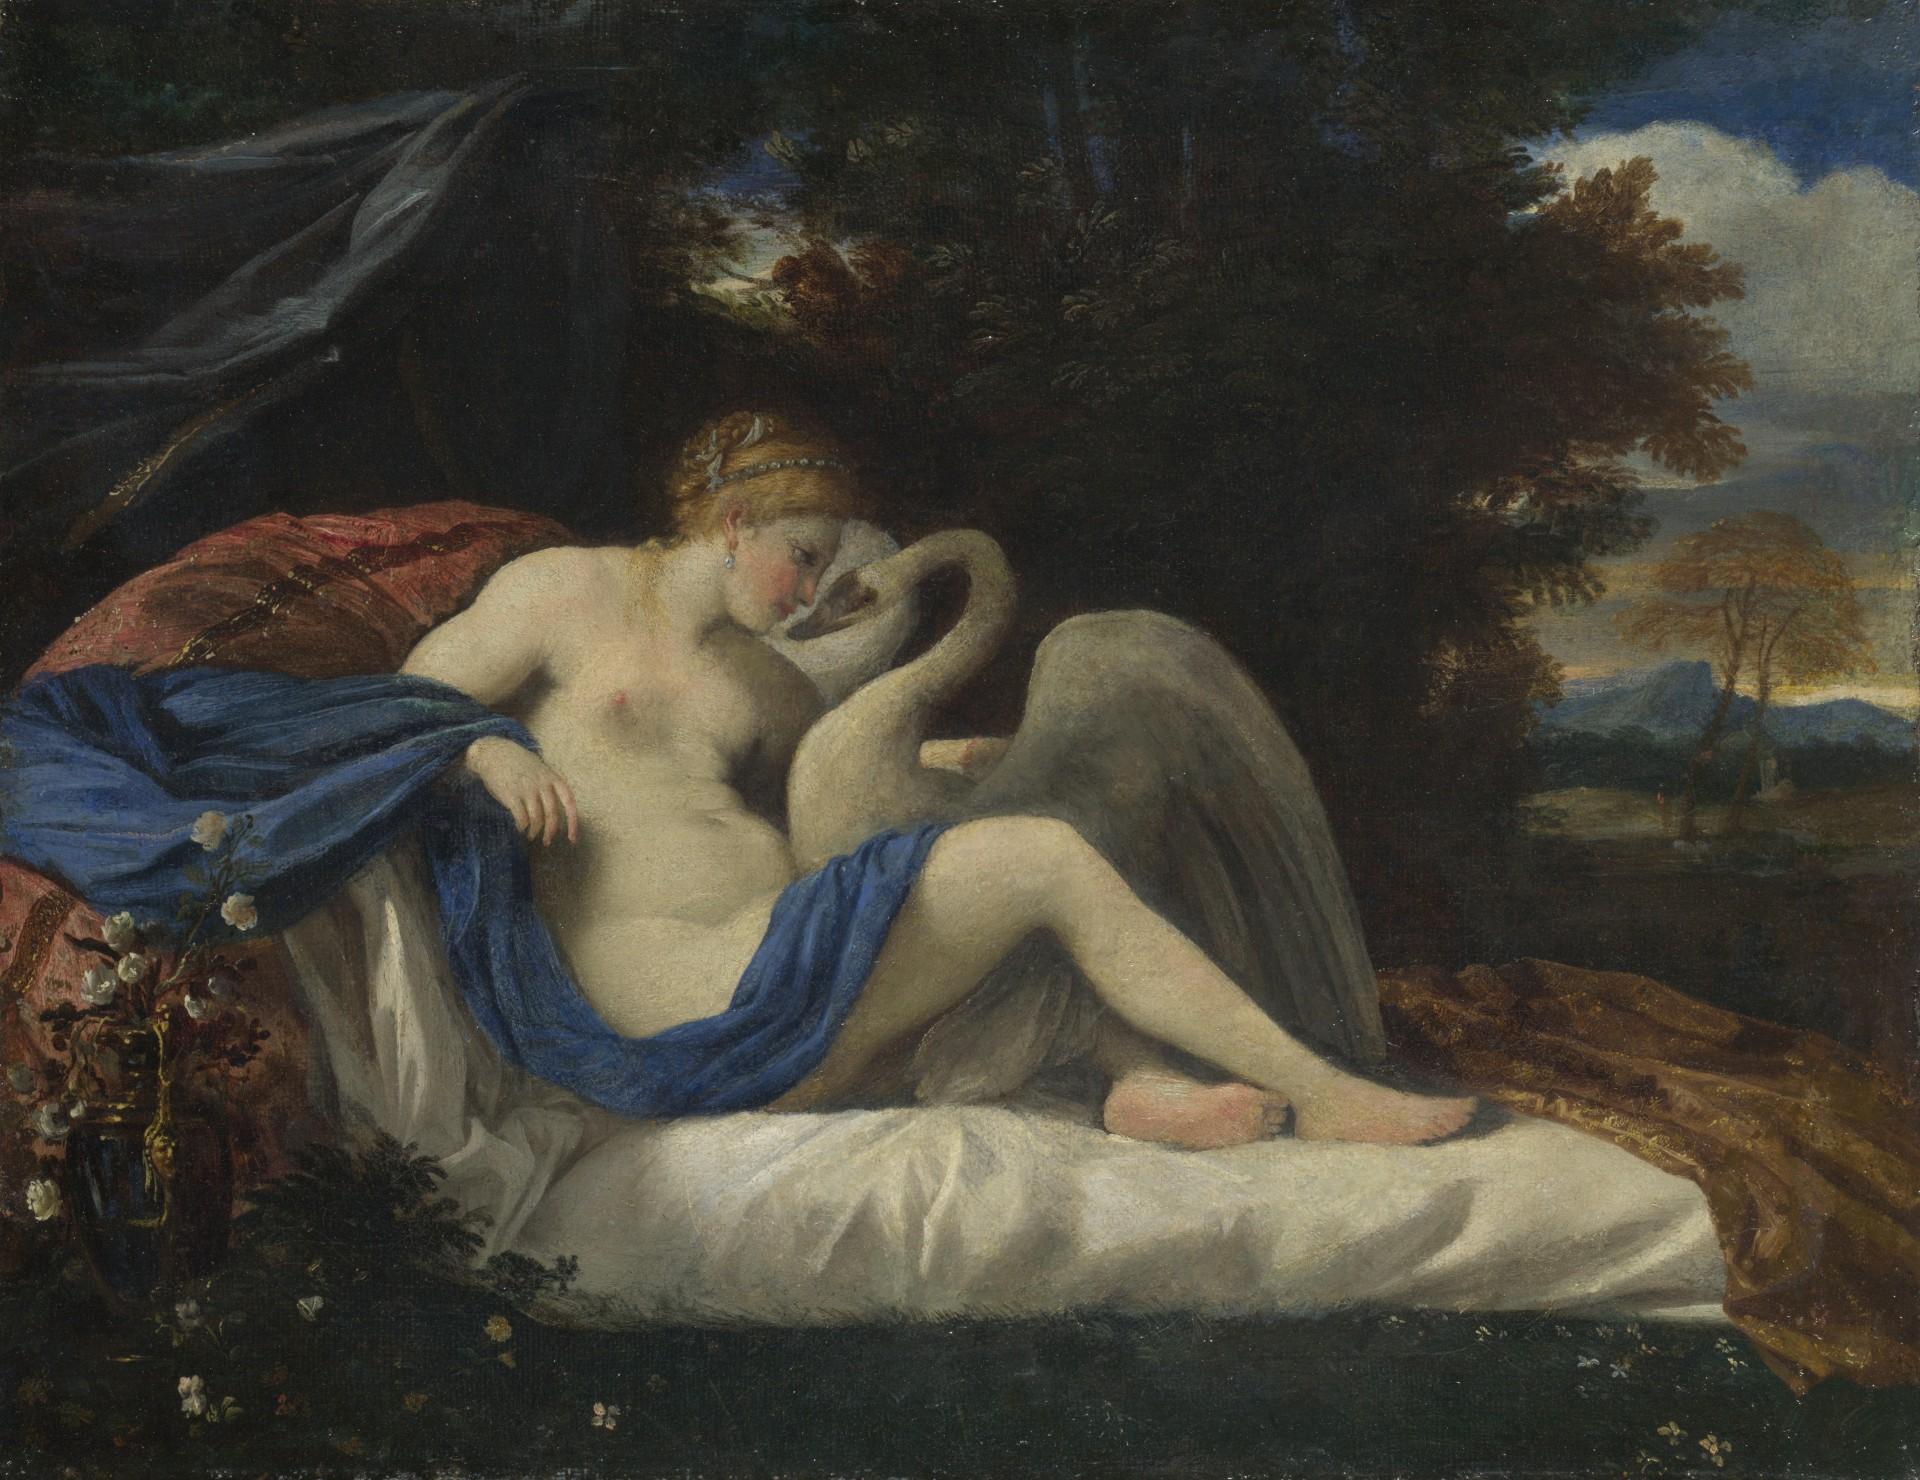 эротические галереи рисунков этого момента